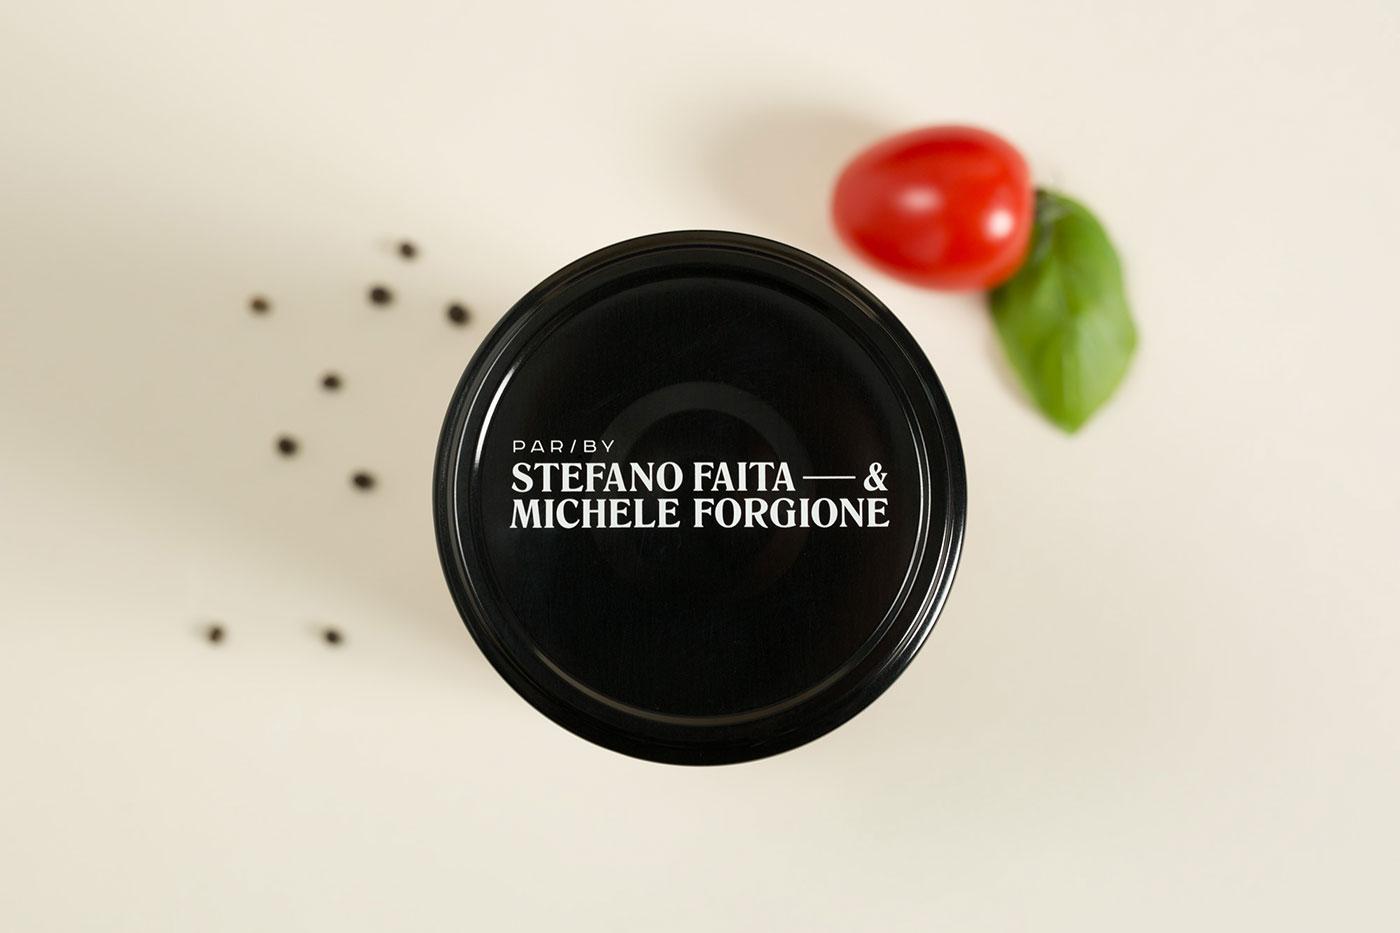 Stefano Faita sauce range identity